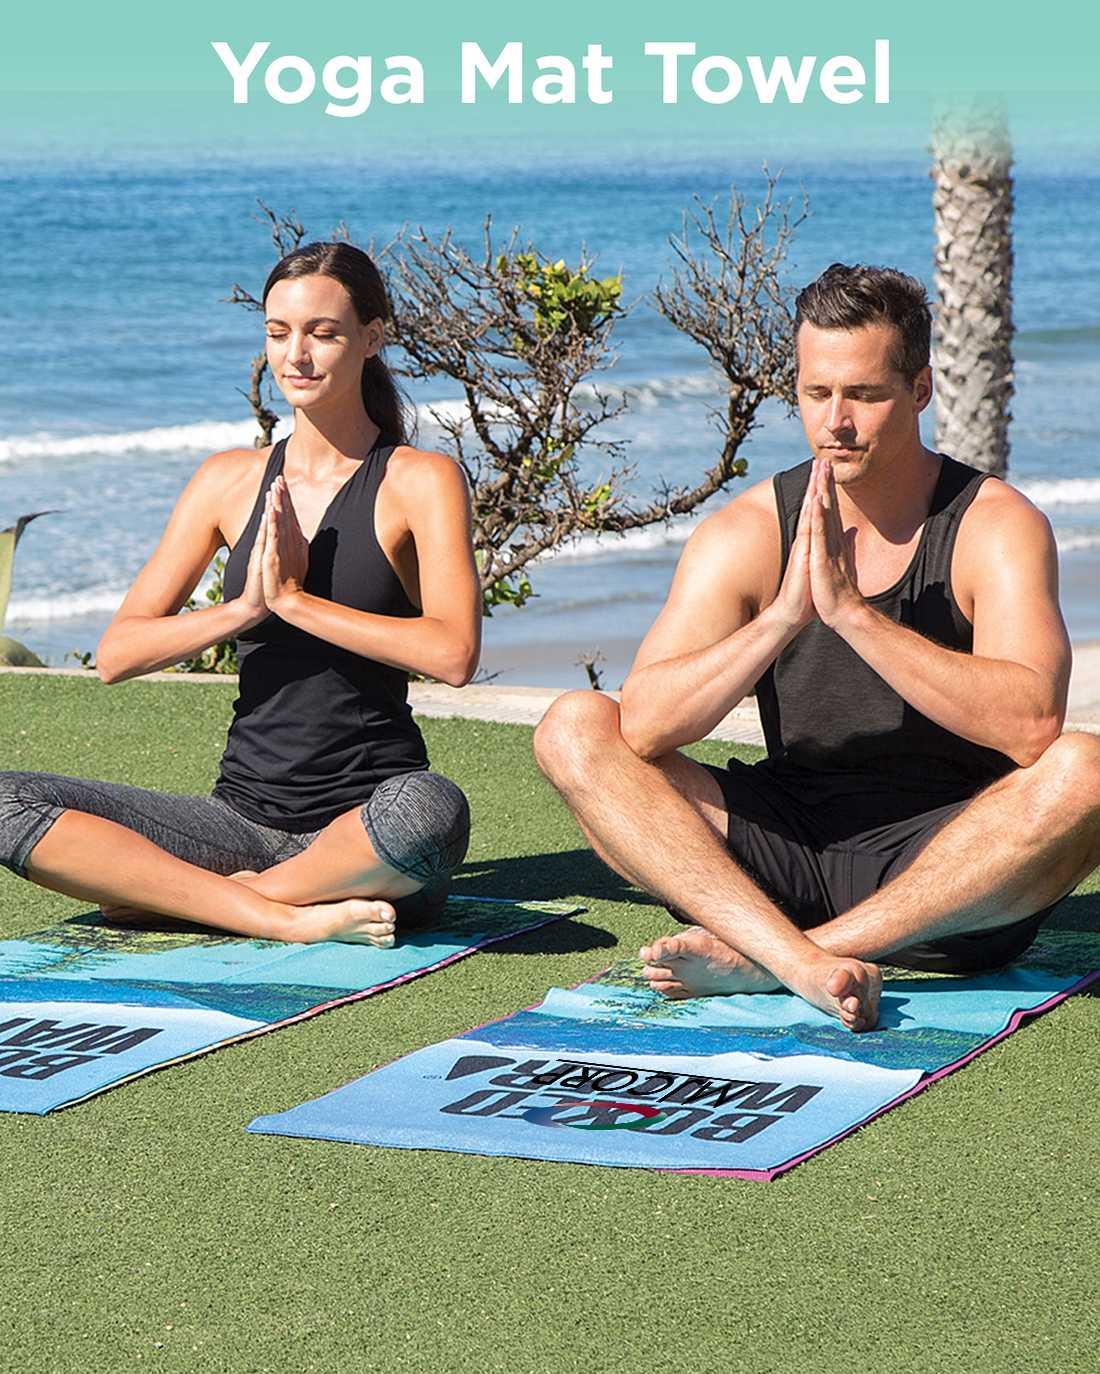 Yoga Mat Towel AIM